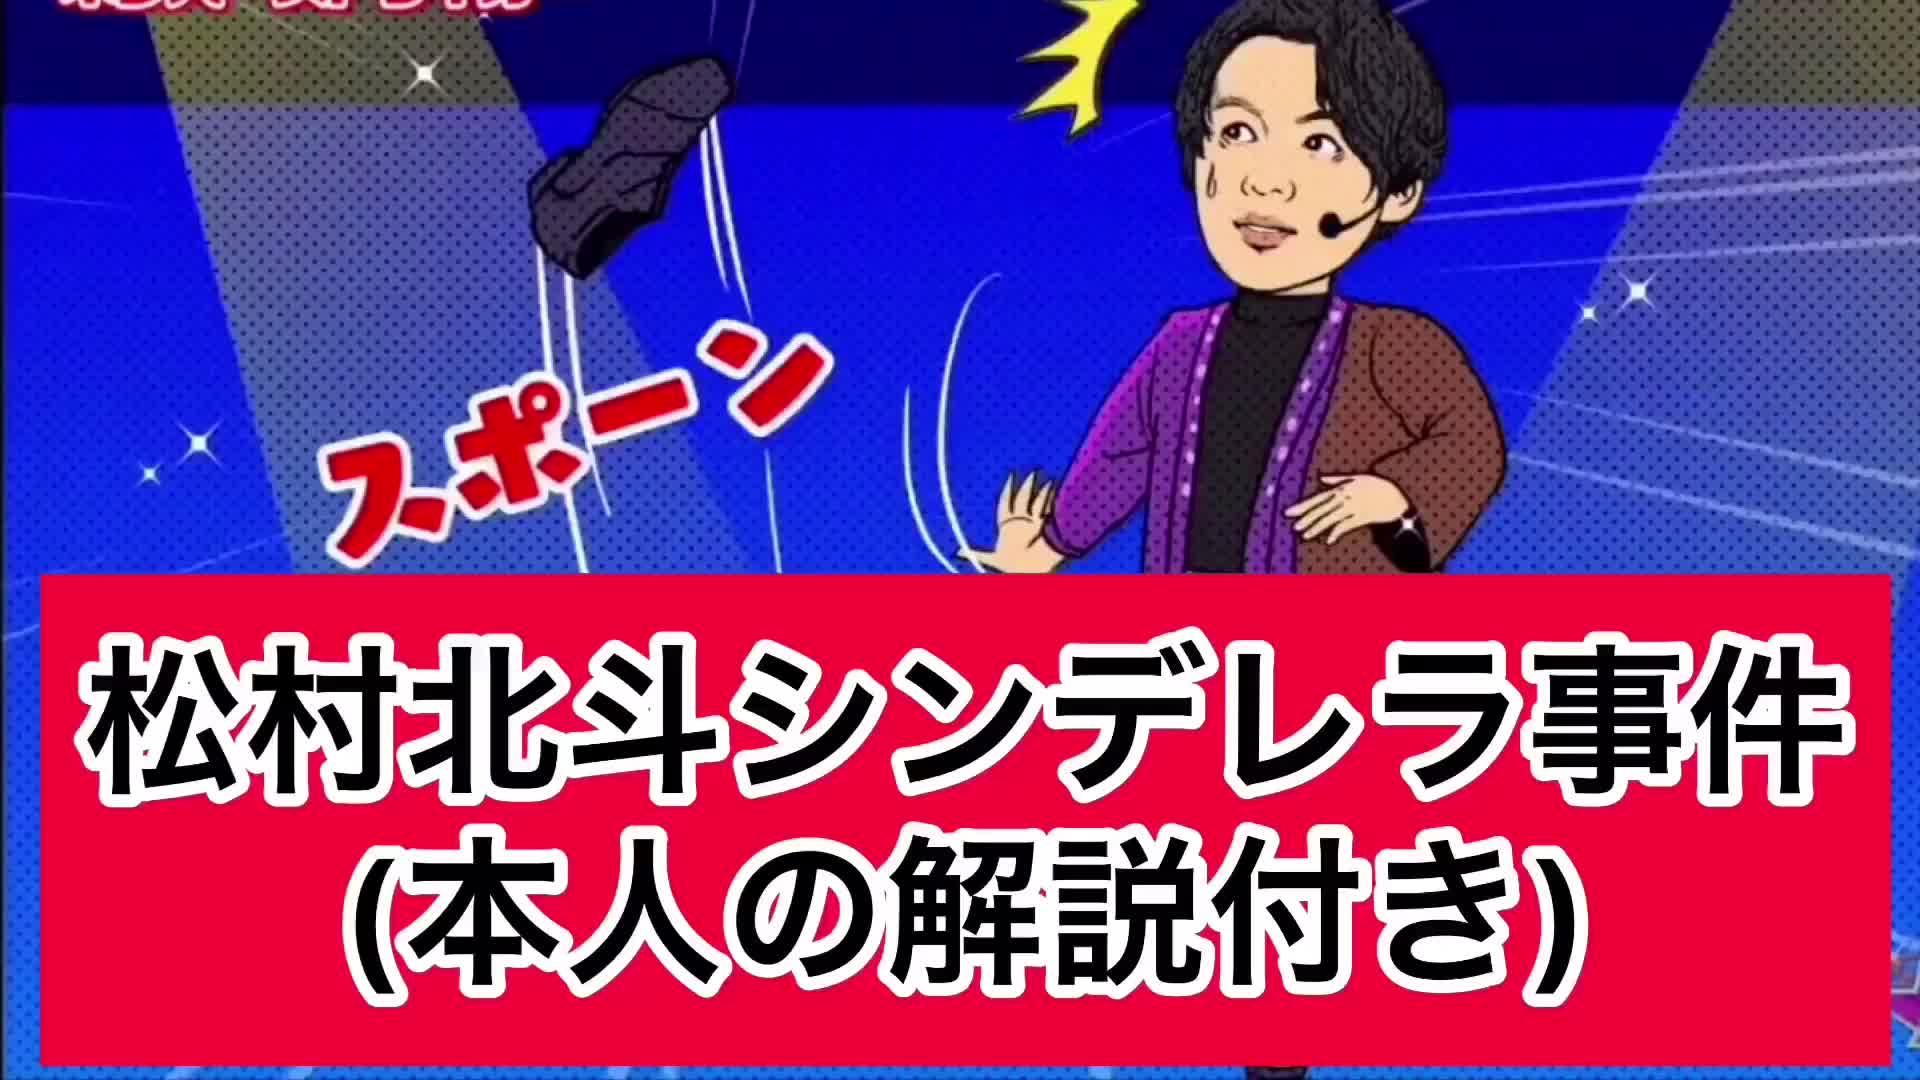 北斗 入所 日 松村